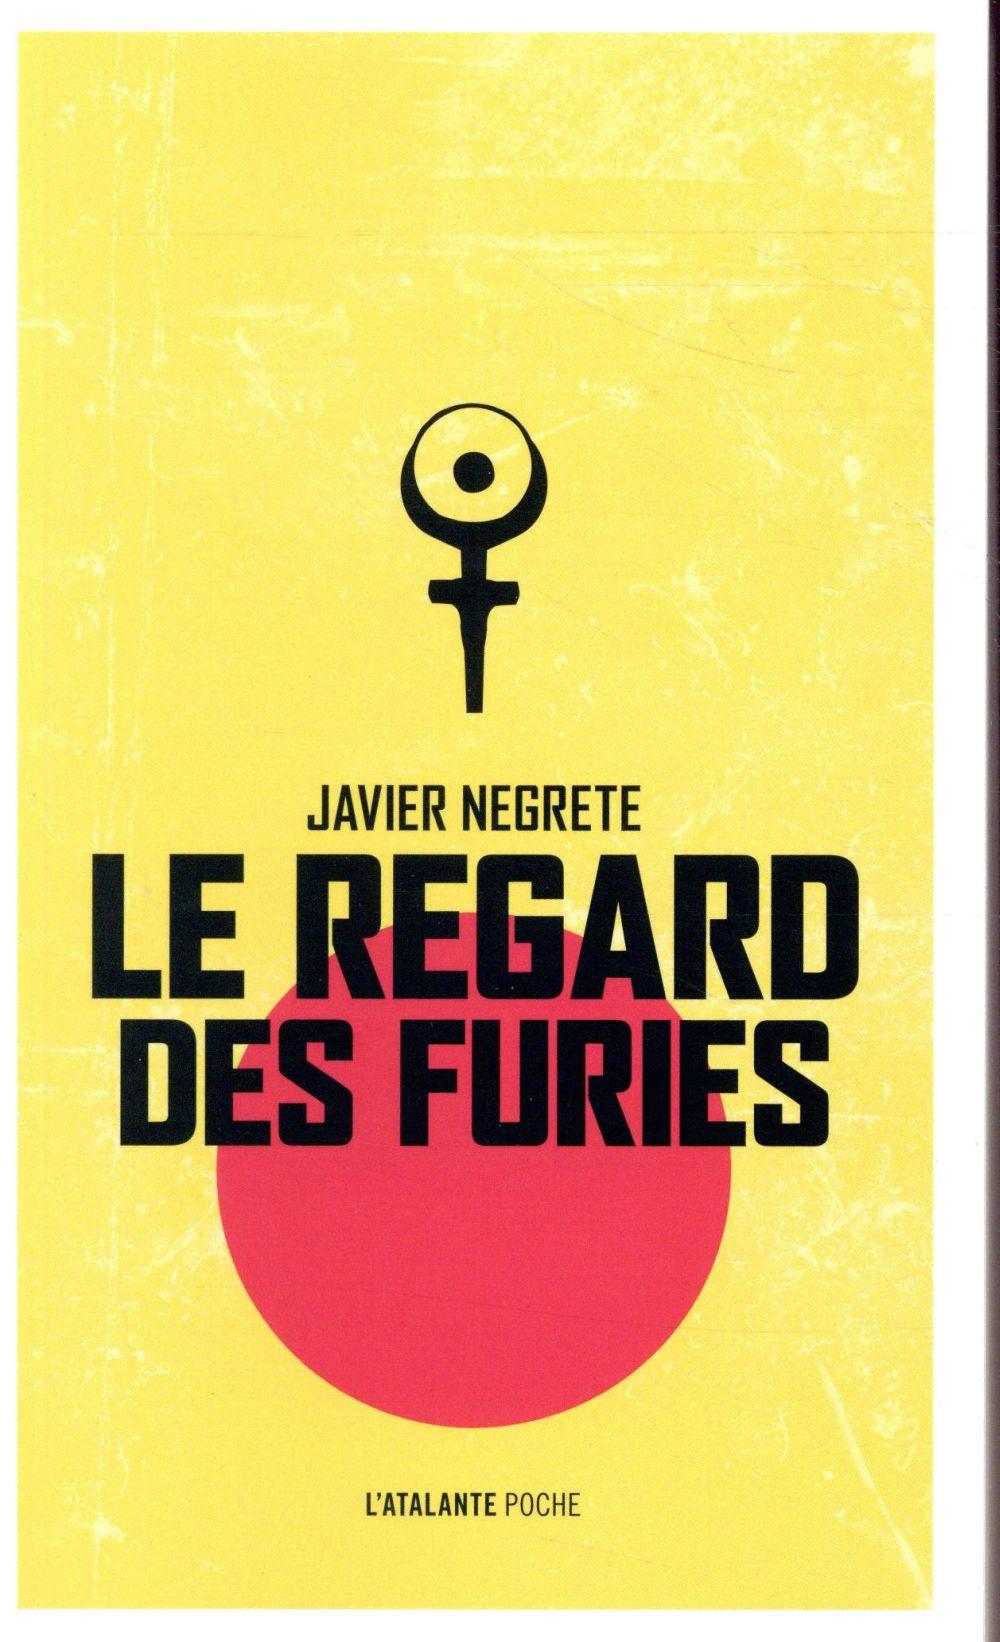 LE REGARD DES FURIES POCHE  ATALANTE